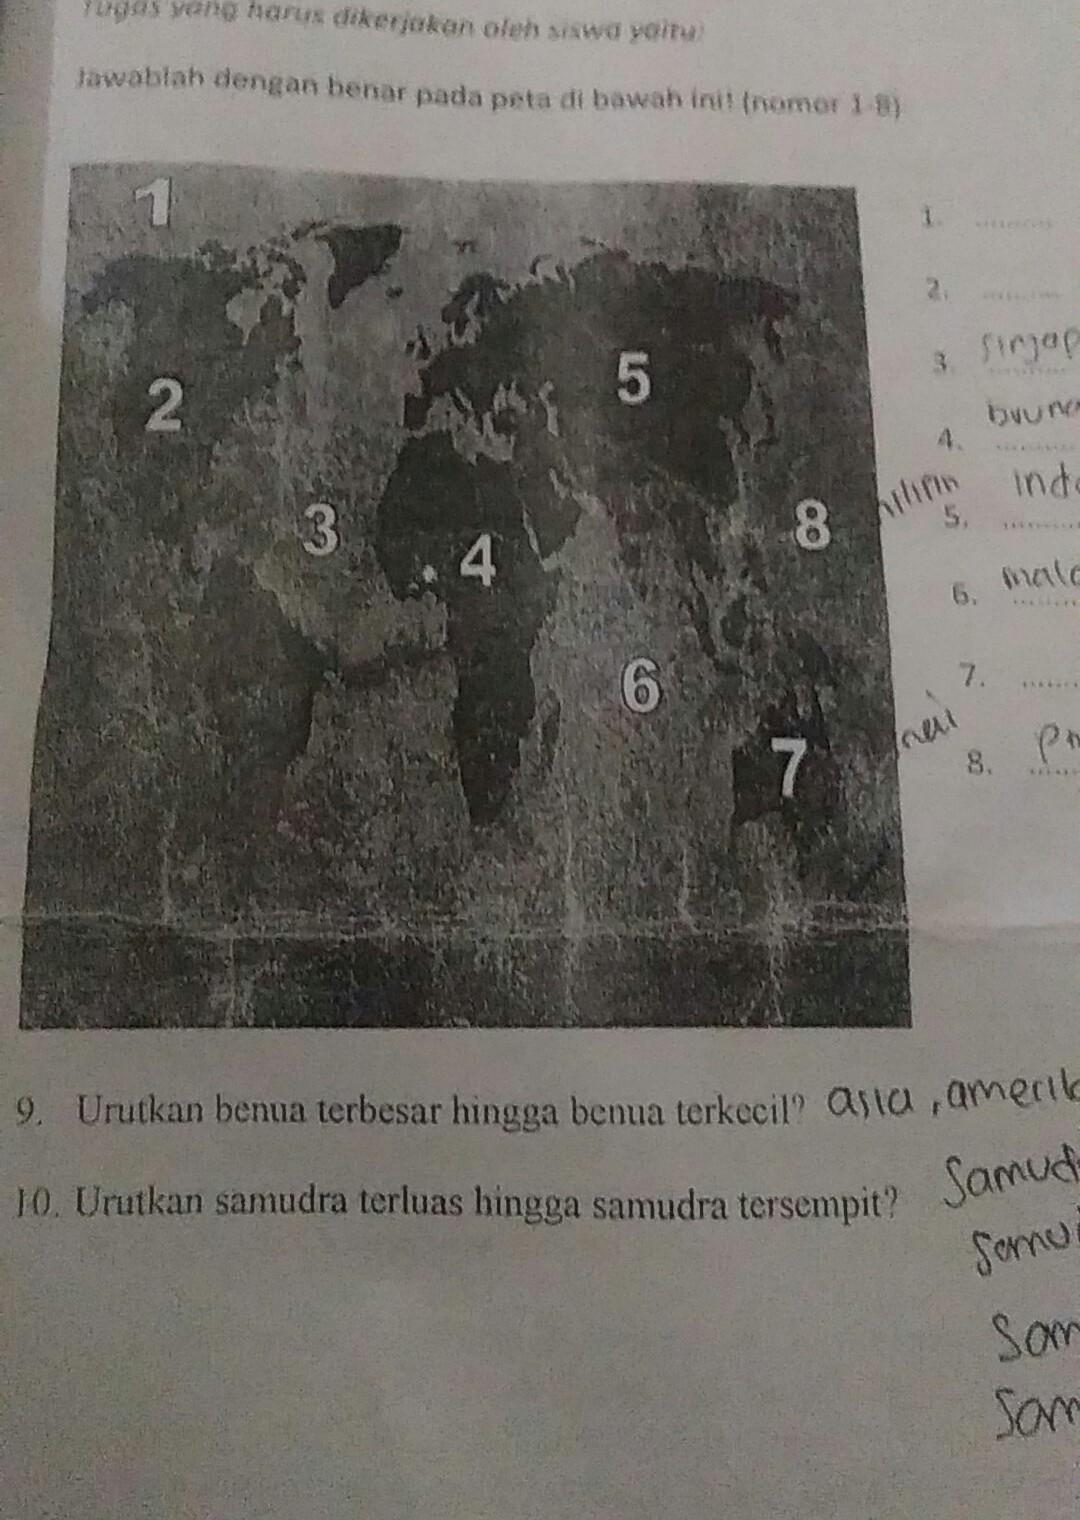 Peta Buta Asia Tenggara : tenggara, Jawablah, Dengan, Benar, Dibawah, Tenggara, Bagian-bagian, Benua, Samudra, Brainly.co.id